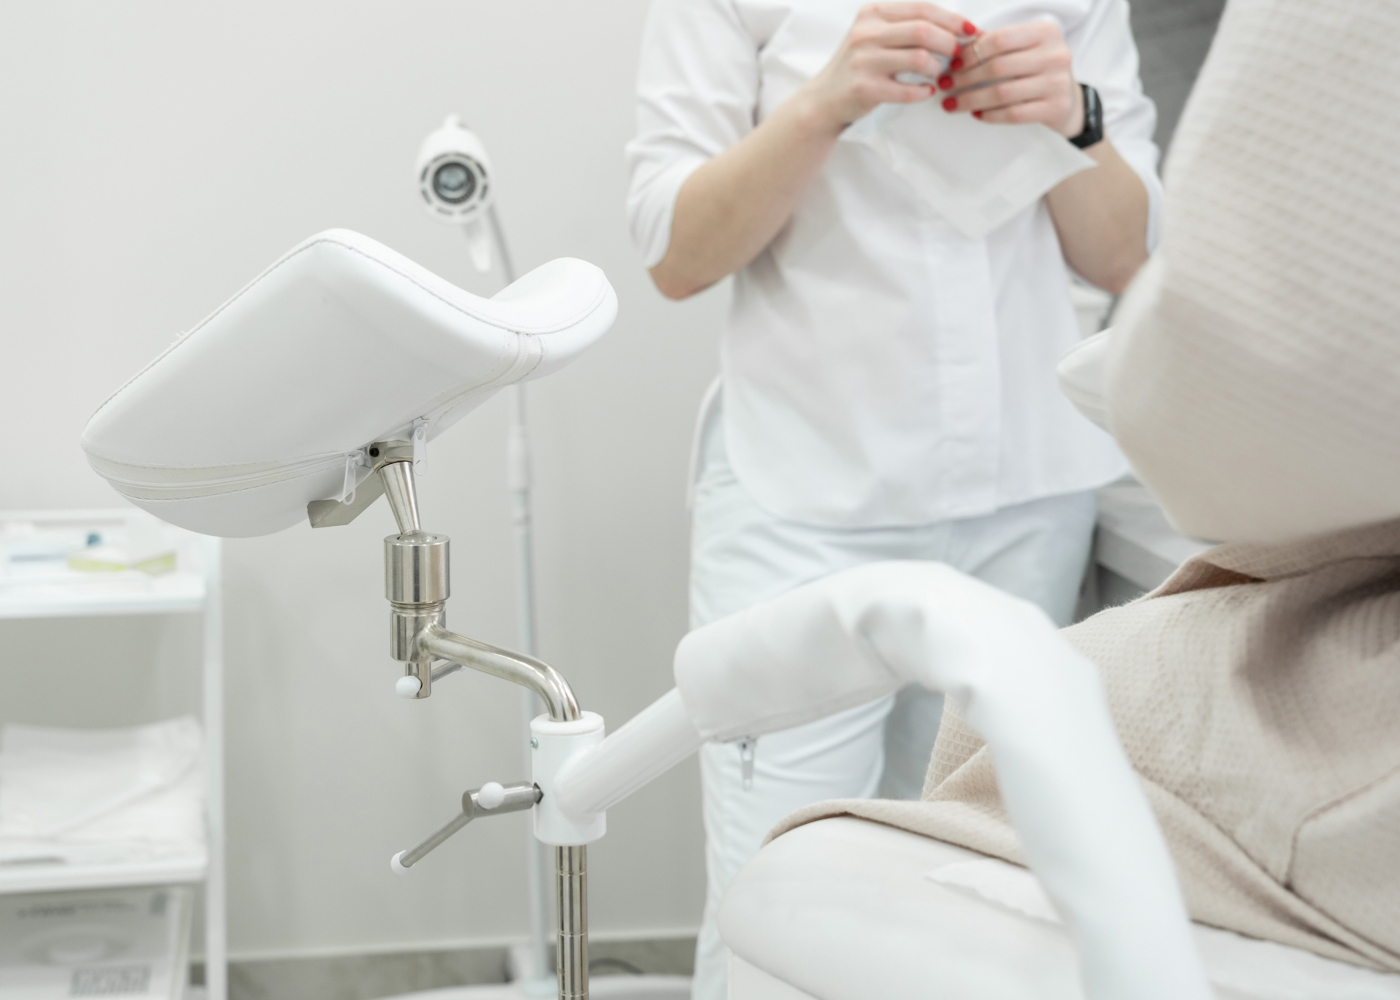 Ginecologista a preparar-se para fazer exame de toque vaginal a paciente